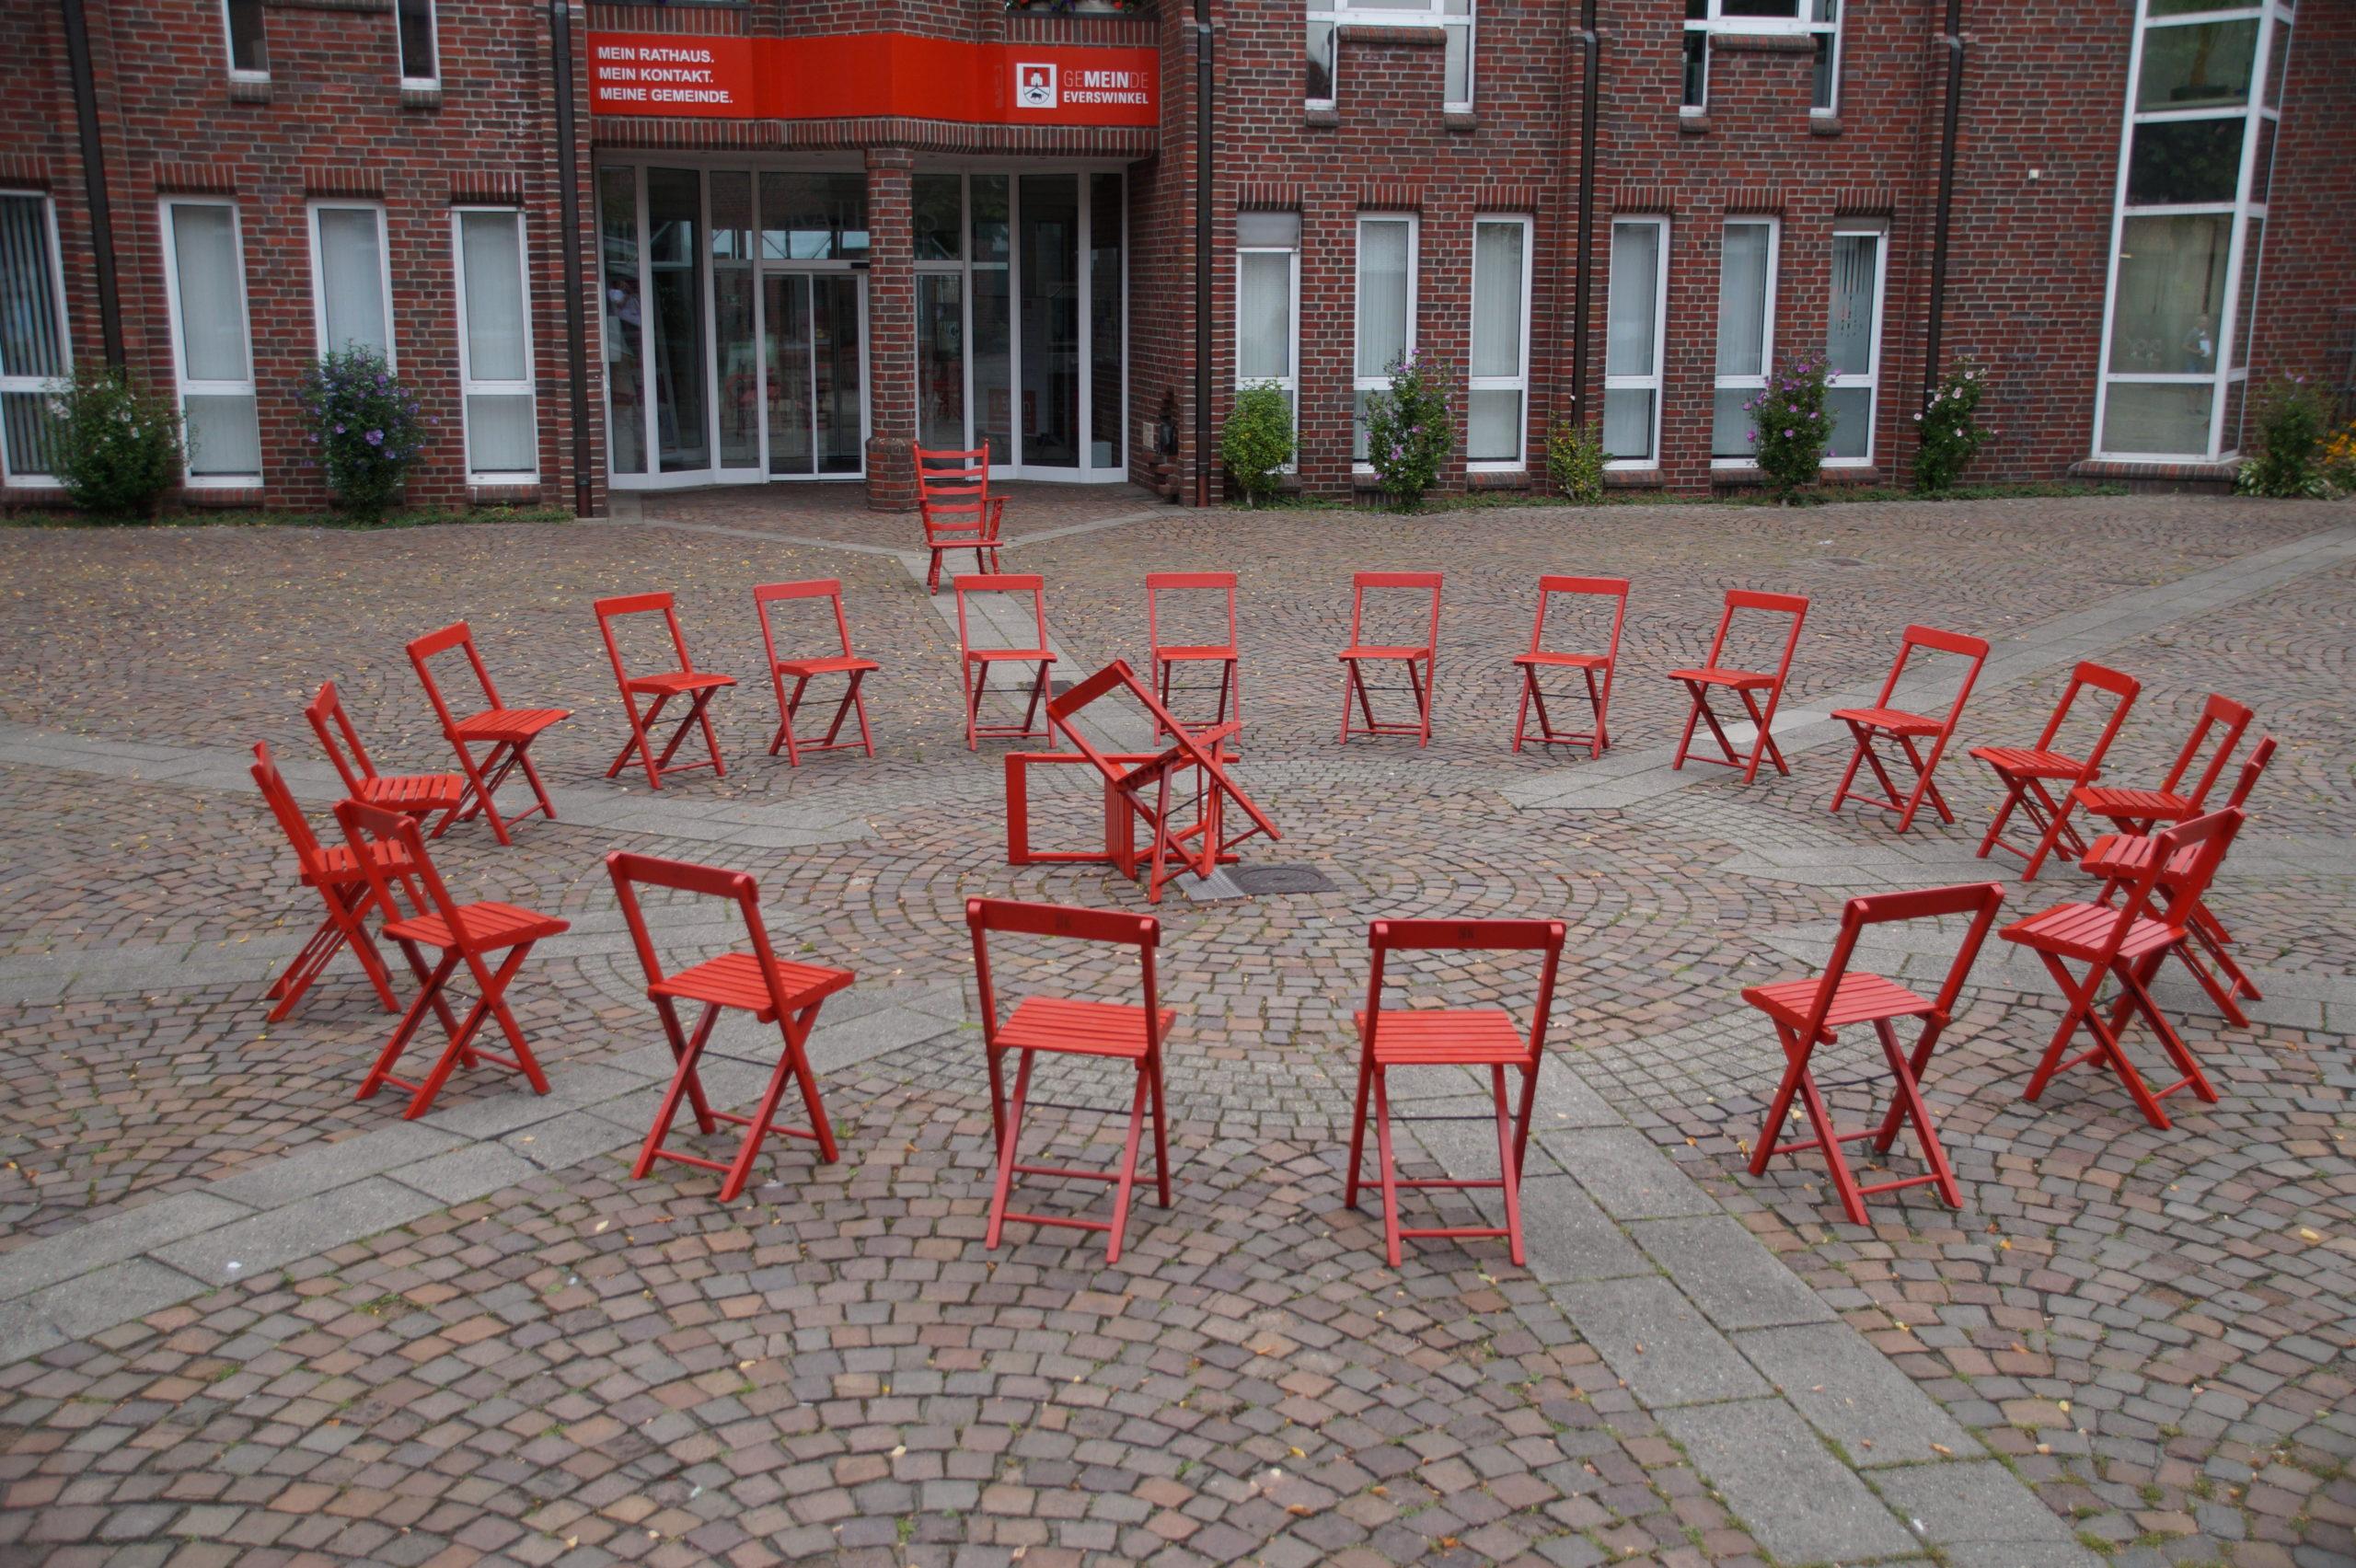 Ein Stuhlkreis aus roten Stühlen und in dern mit 3 umgestürzte Stühle